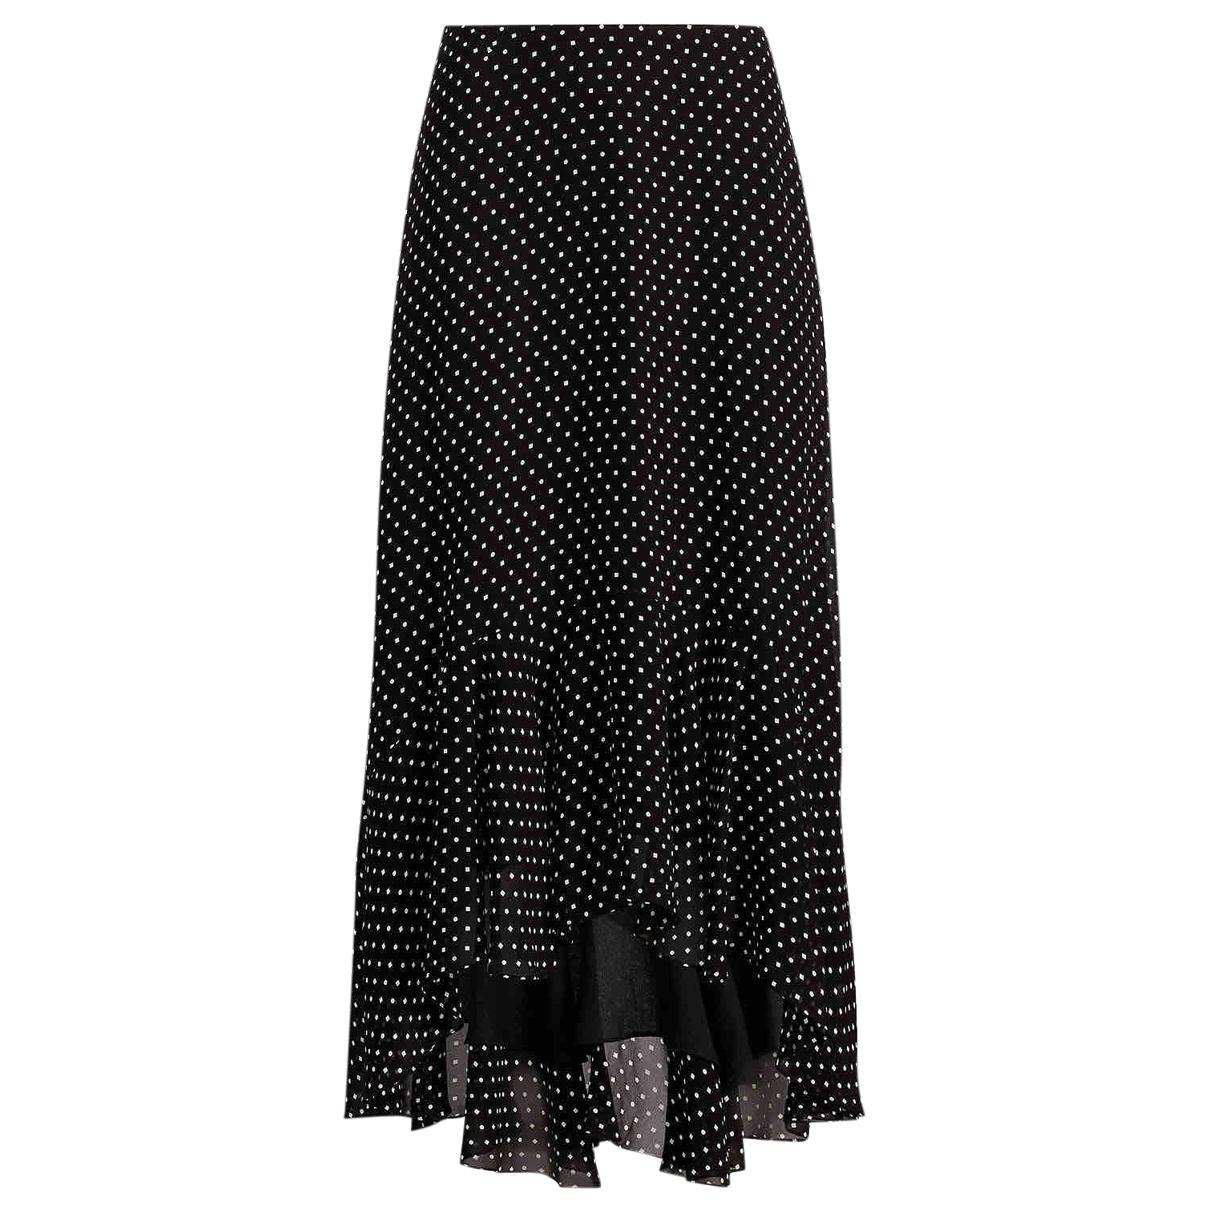 Polo Ralph Lauren \N Black skirt for Women 8 UK